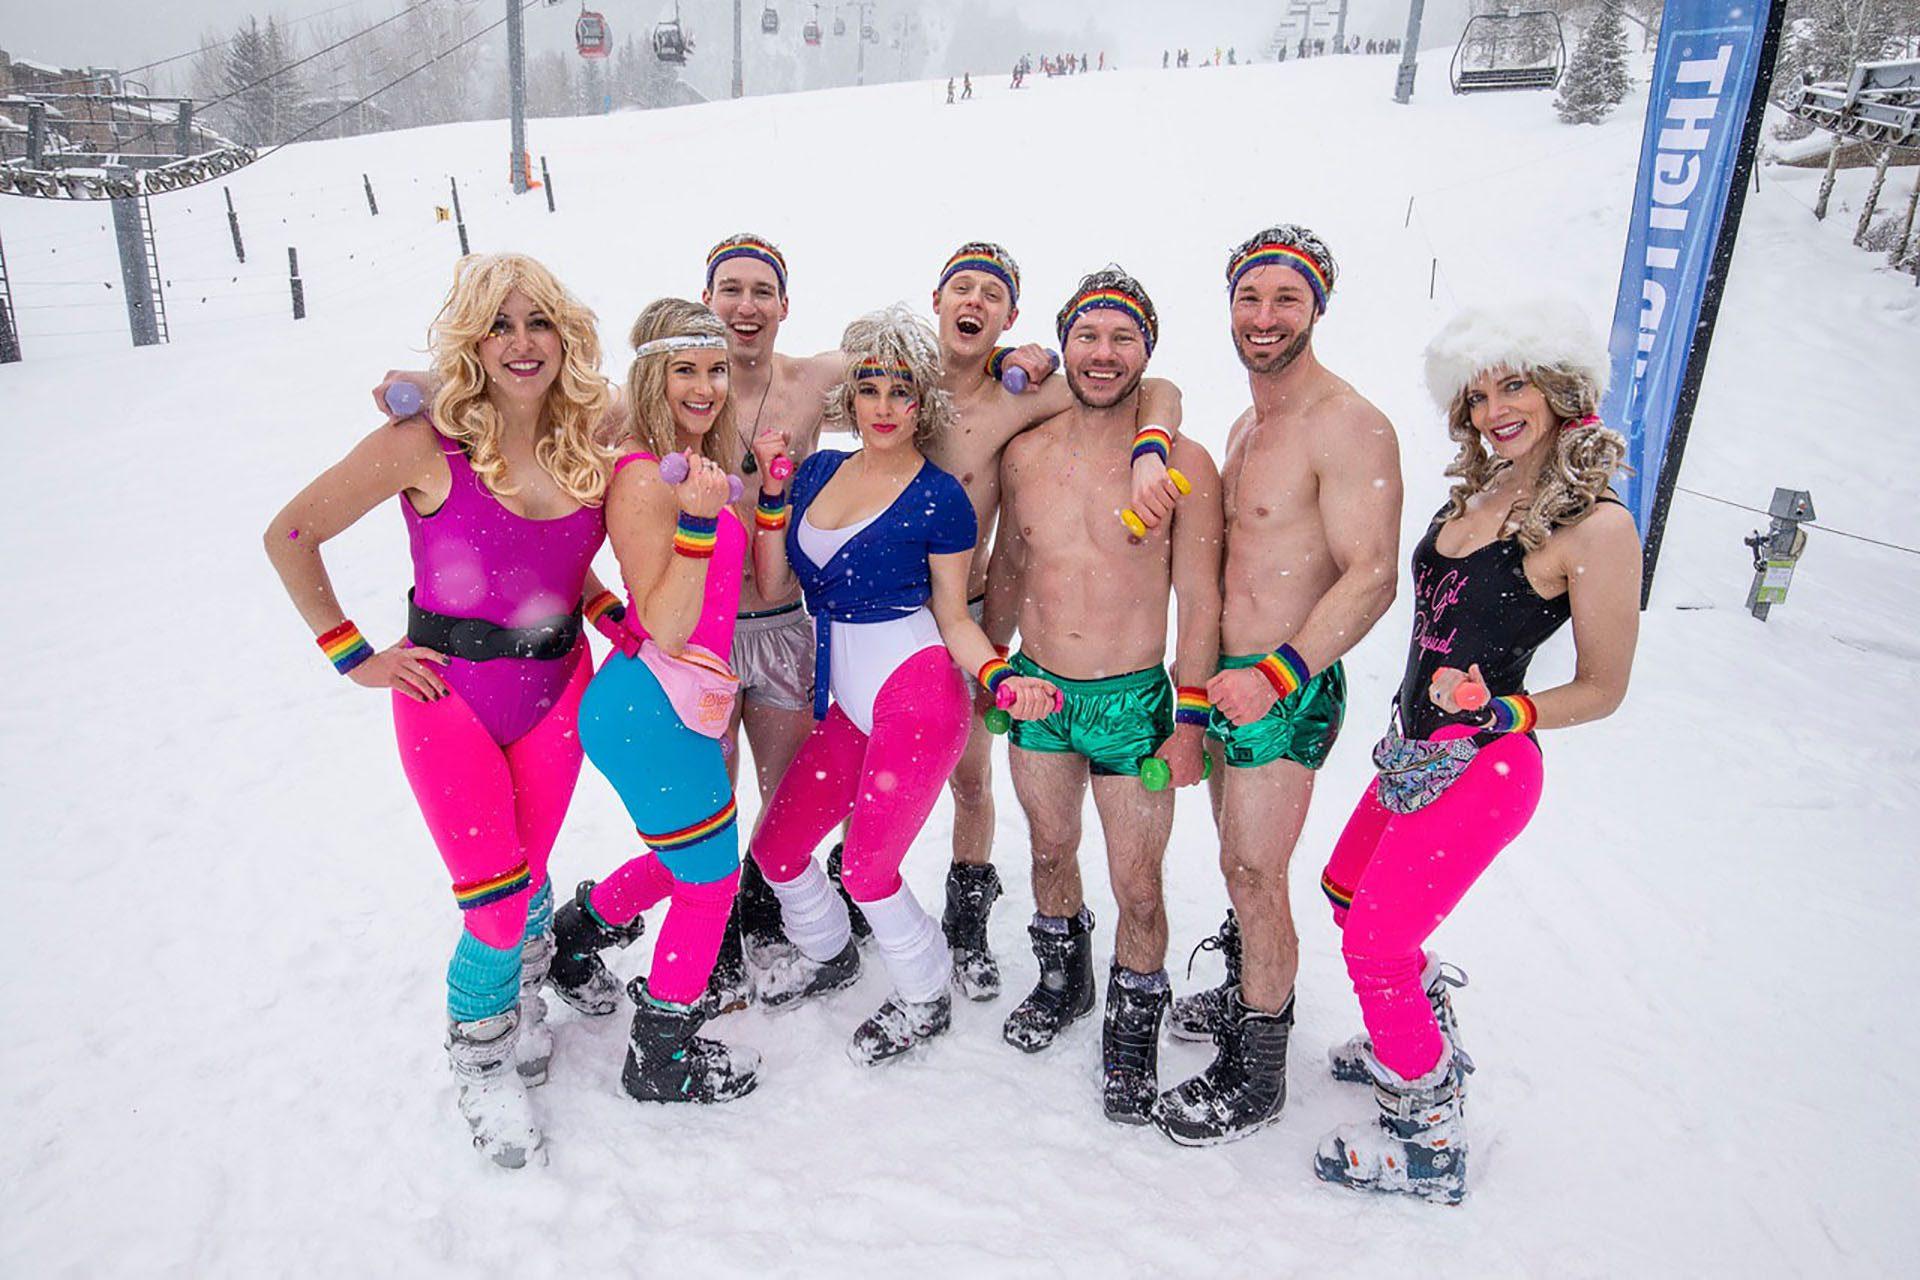 La semaine de ski gay d'Aspen, États-Unis